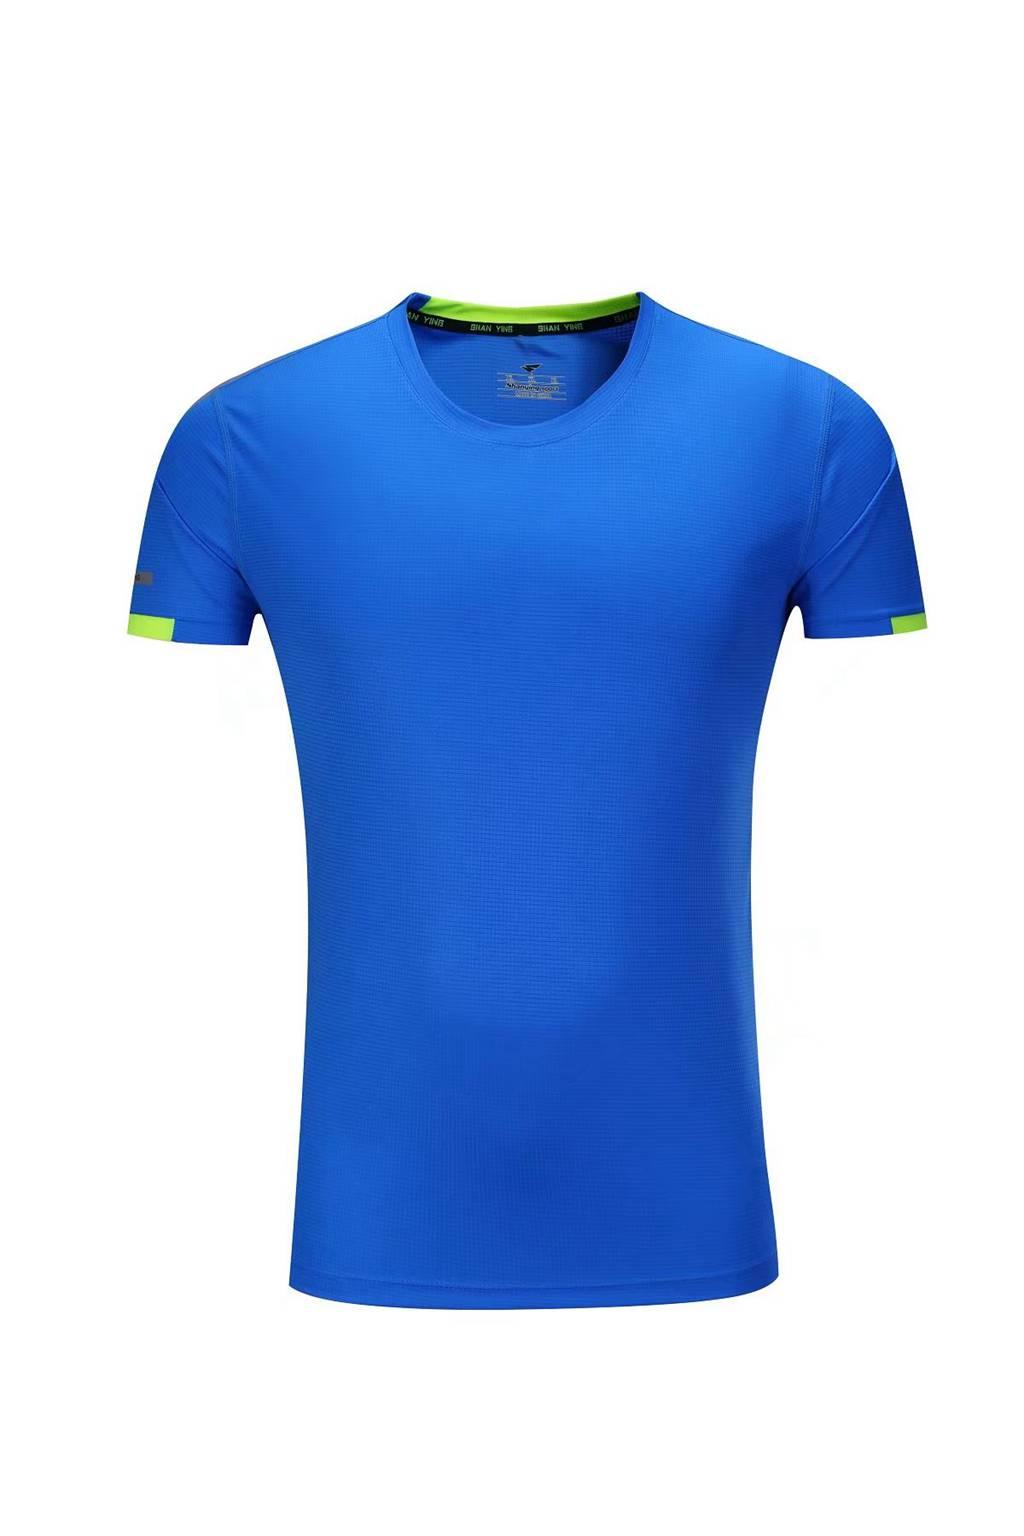 新款短袖T恤  纯色T恤半袖基础款 湖蓝色3D图